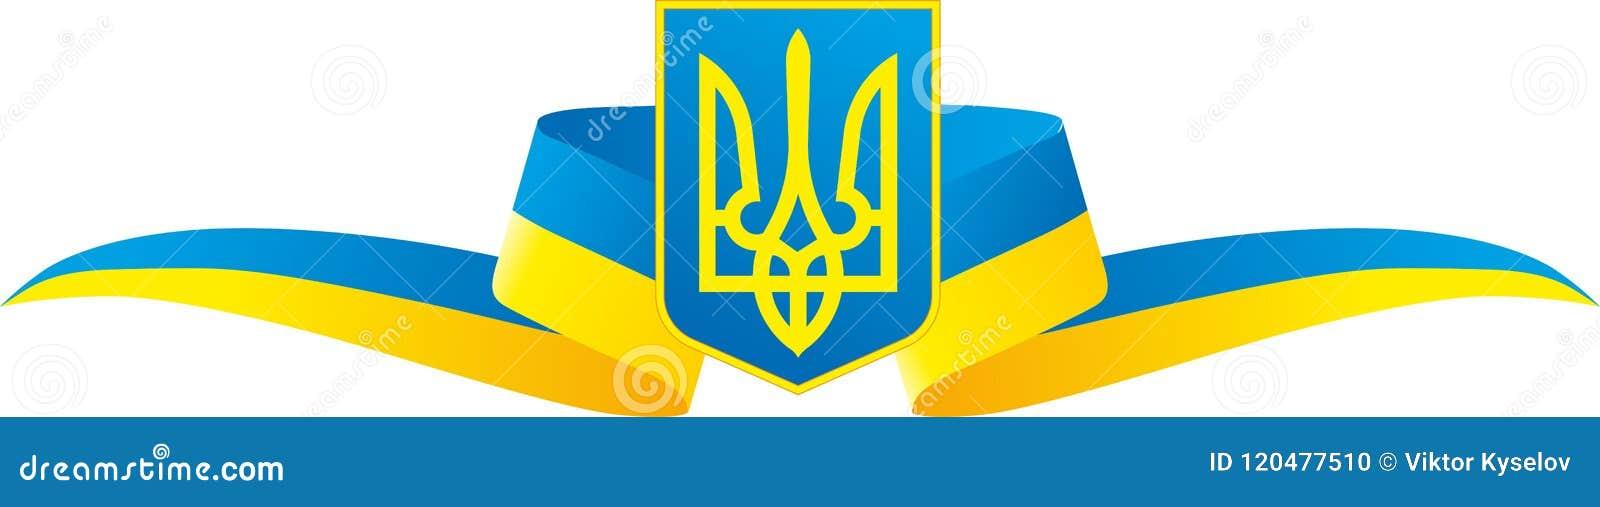 Wapenschild en de vlag van de Oekraïne